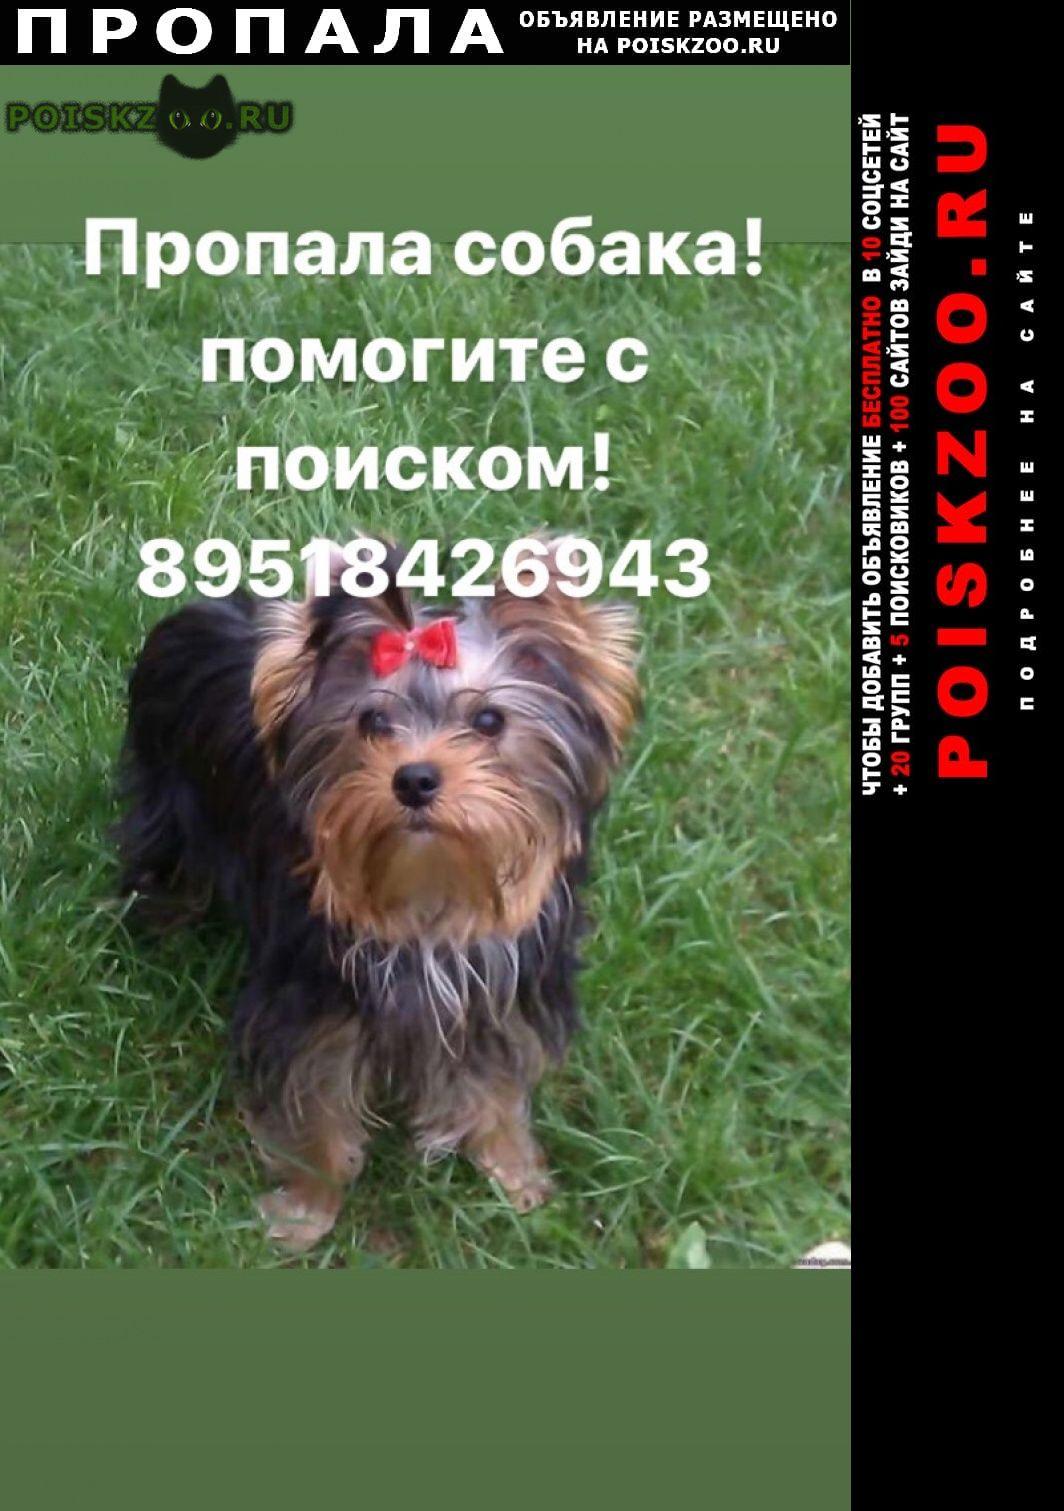 Пропала собака кобель вознаграждение гарантируется г.Батайск